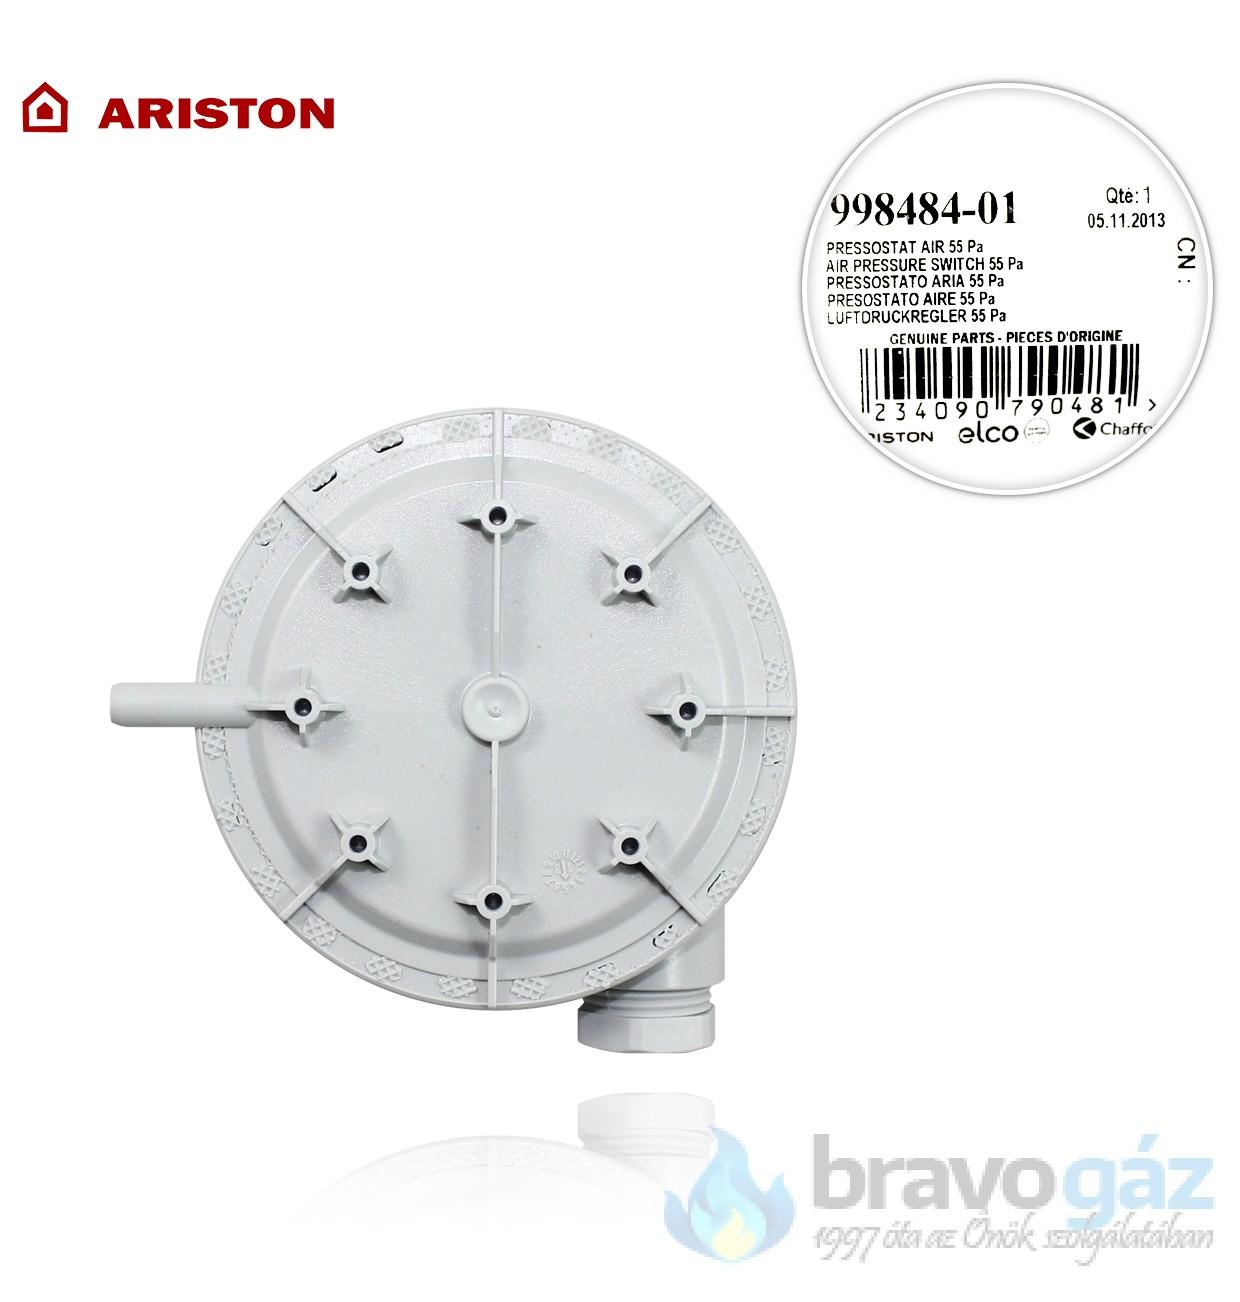 Ariston presszosztát 55 Pa - 998484-01